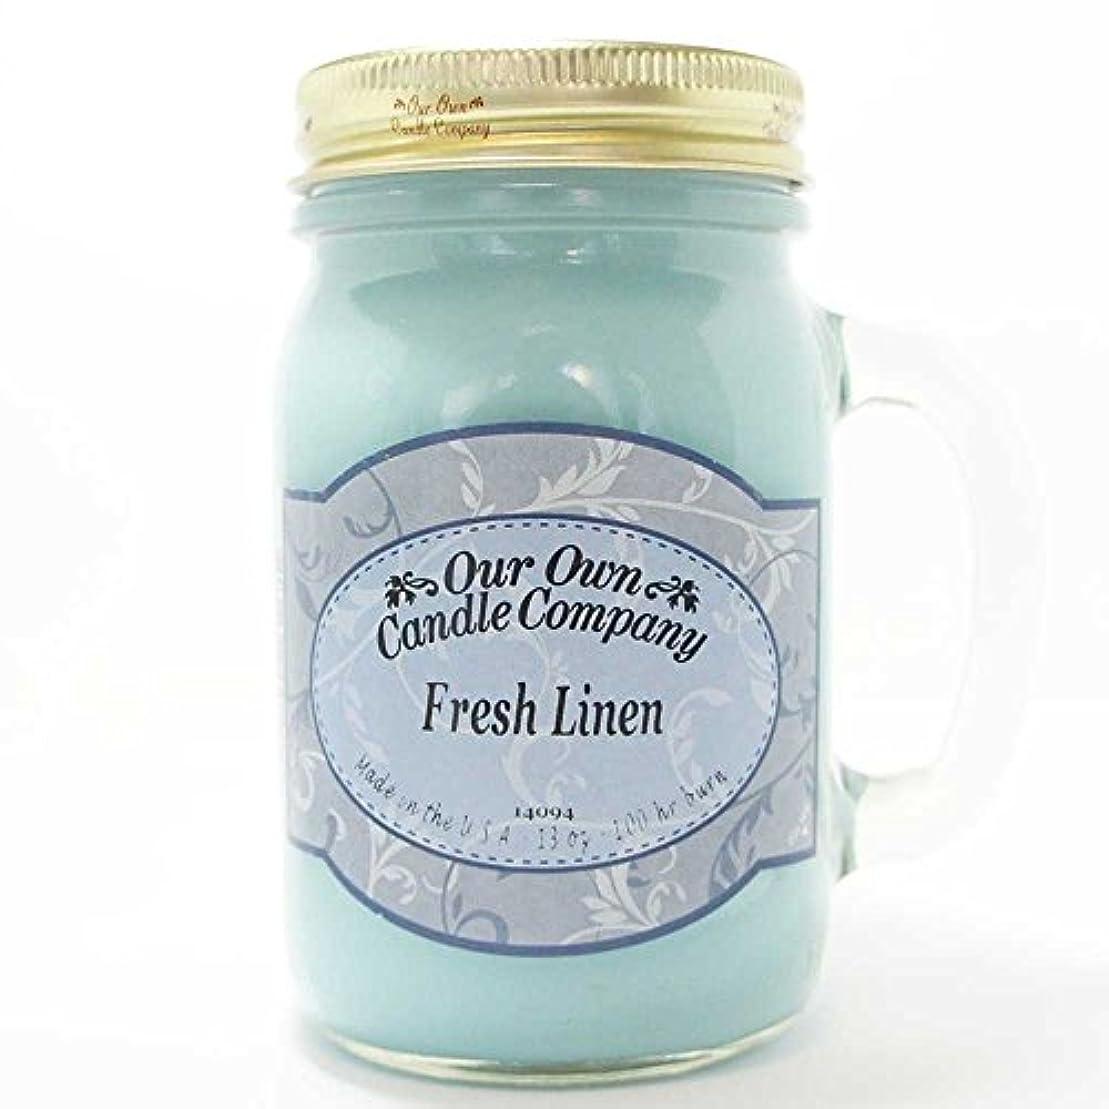 要塞バター不器用アロマキャンドル メイソンジャー フレッシュリネン ビッグ Our Own Candle Company Fresh Linen big